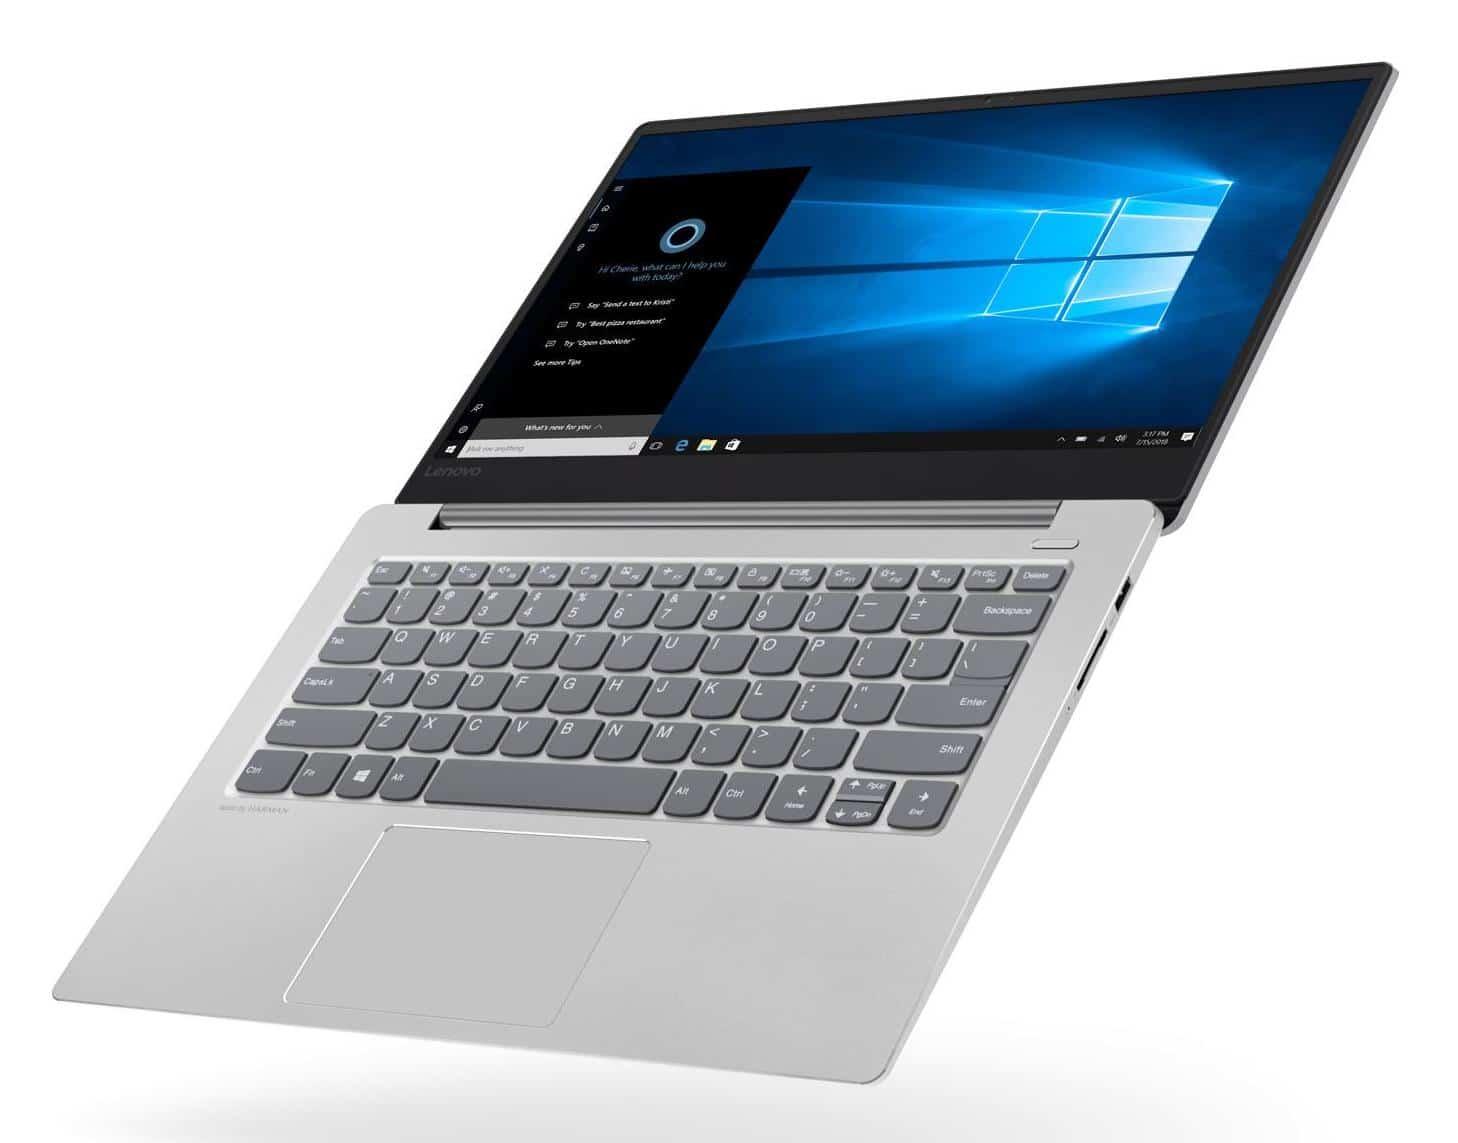 """Lenovo IdeaPad 530S-14IKB, ultrabook 14"""" multimédia (820€)"""